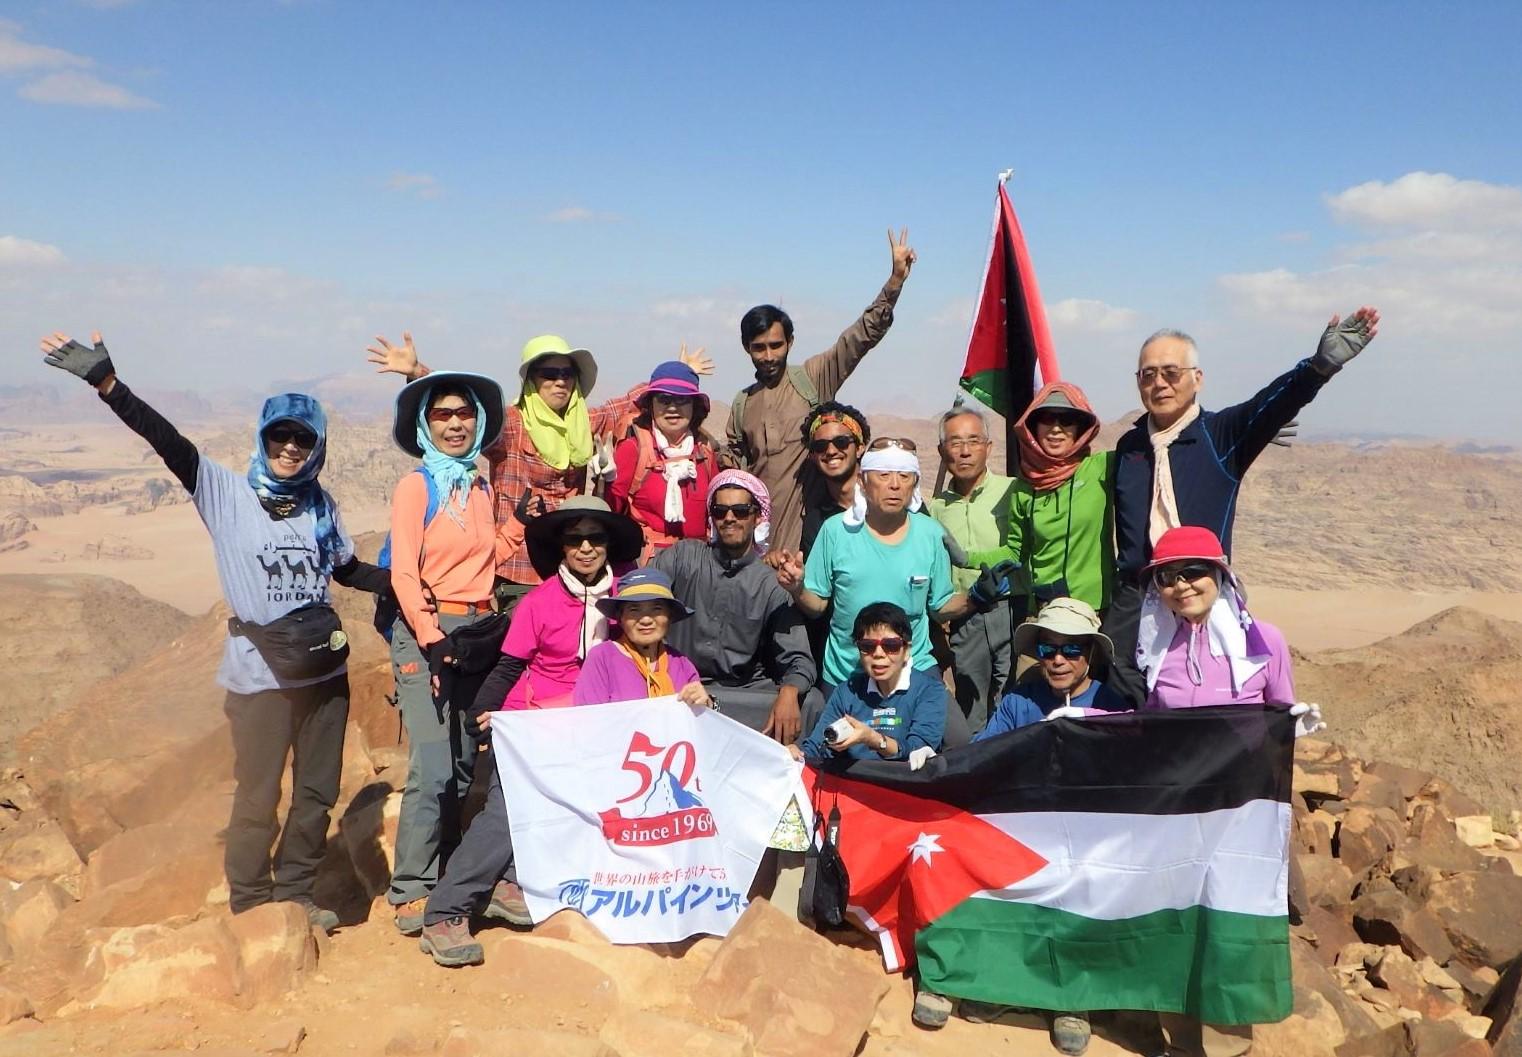 10月22日出発 創業50周年記念特別企画 「ヨルダン・トレイル・トレッキングと 最高峰ウンム・アッダーミ登頂 10日間」